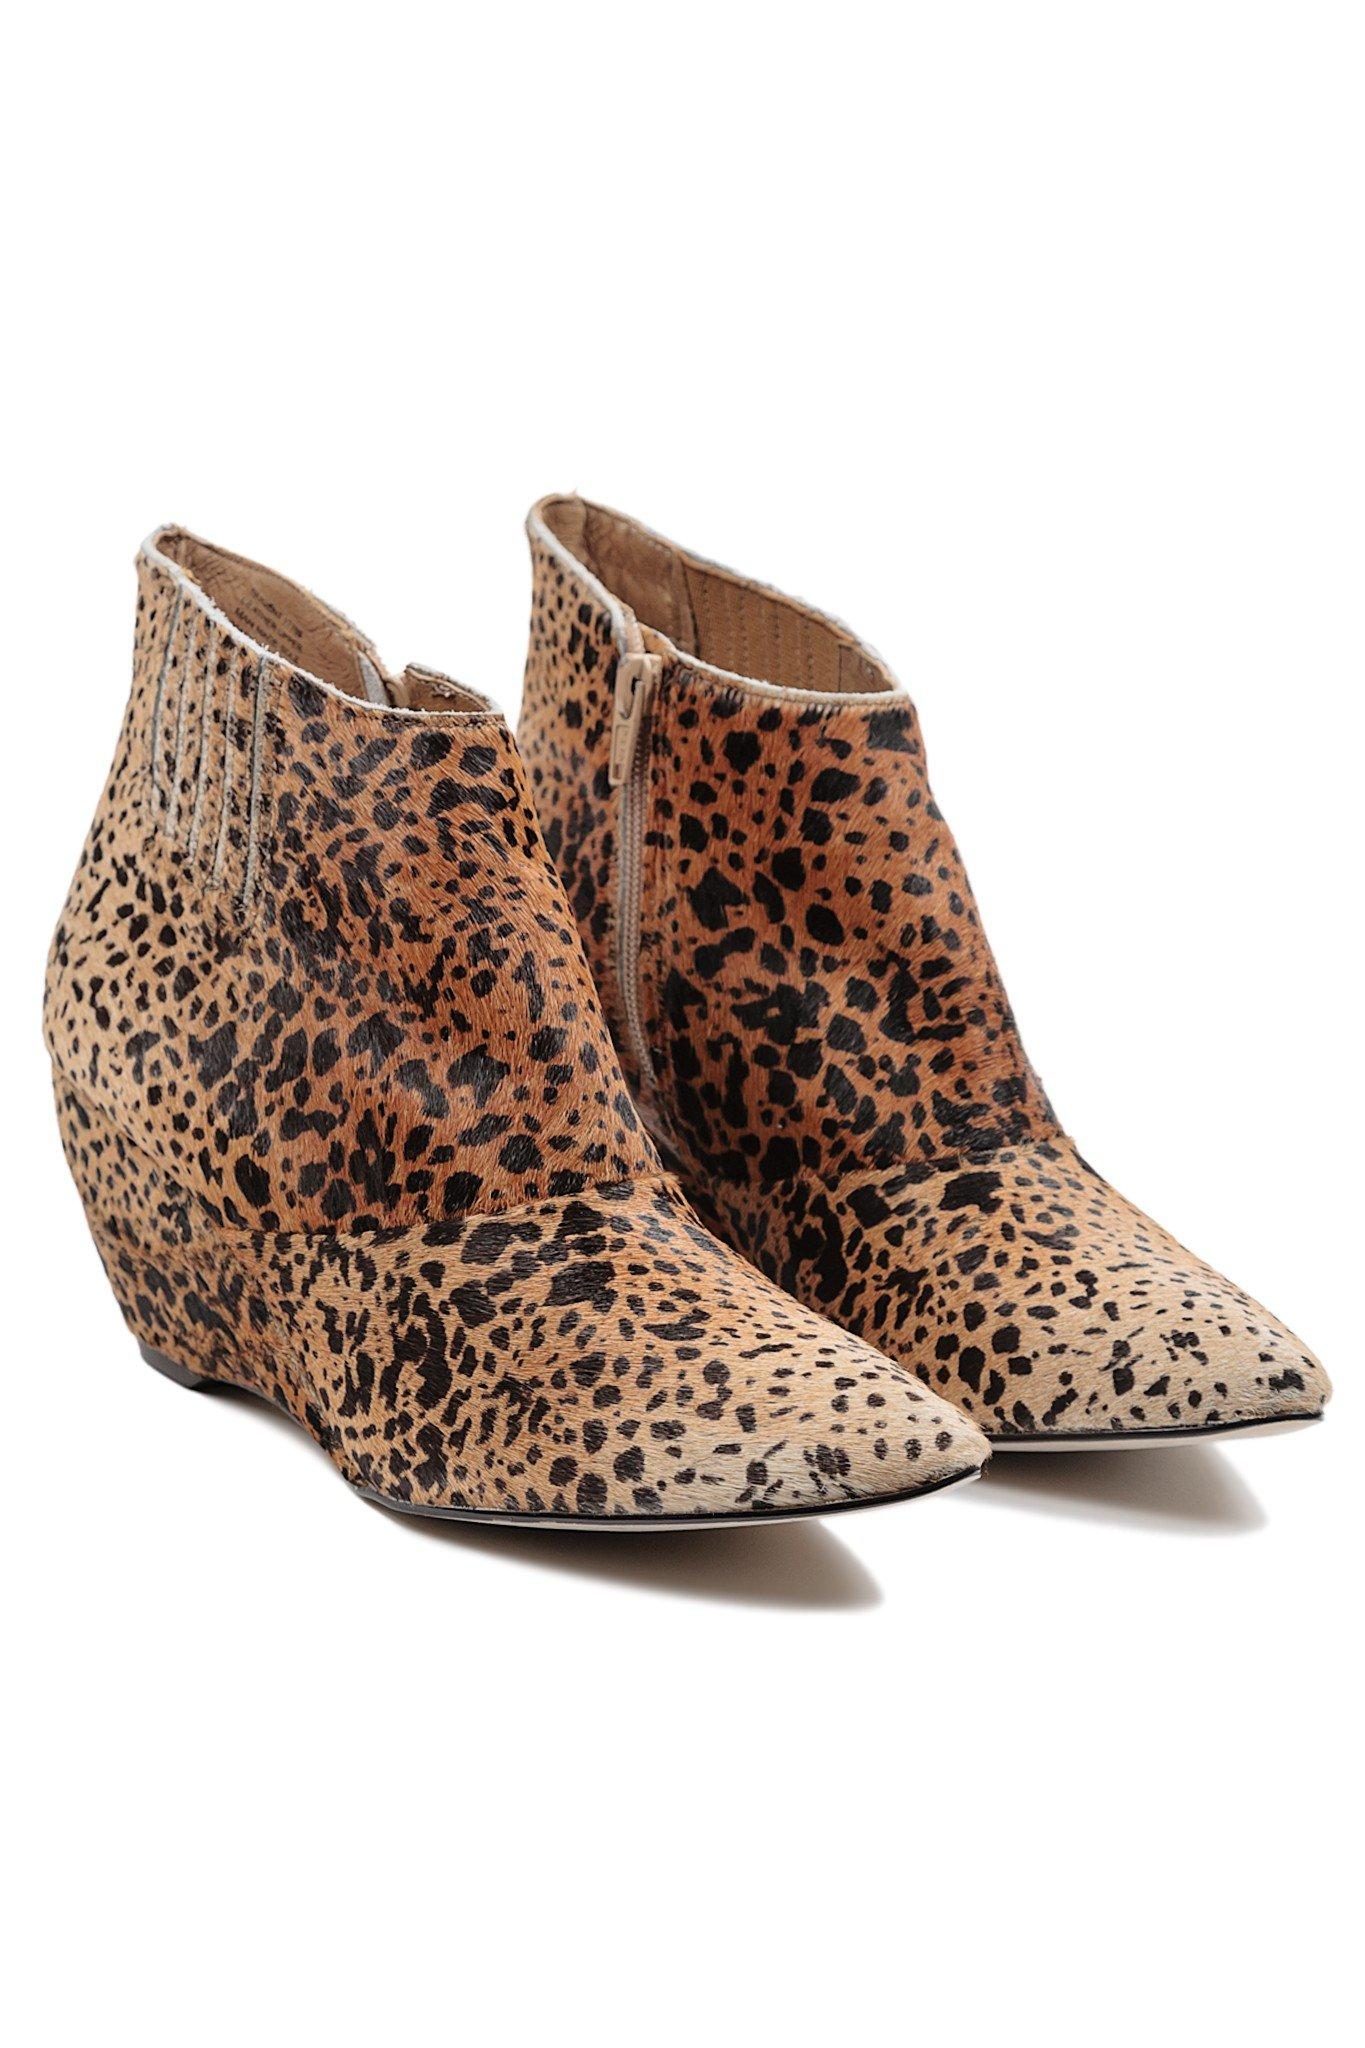 Matisse Nugent Leopard Booties in Animal (LEO)